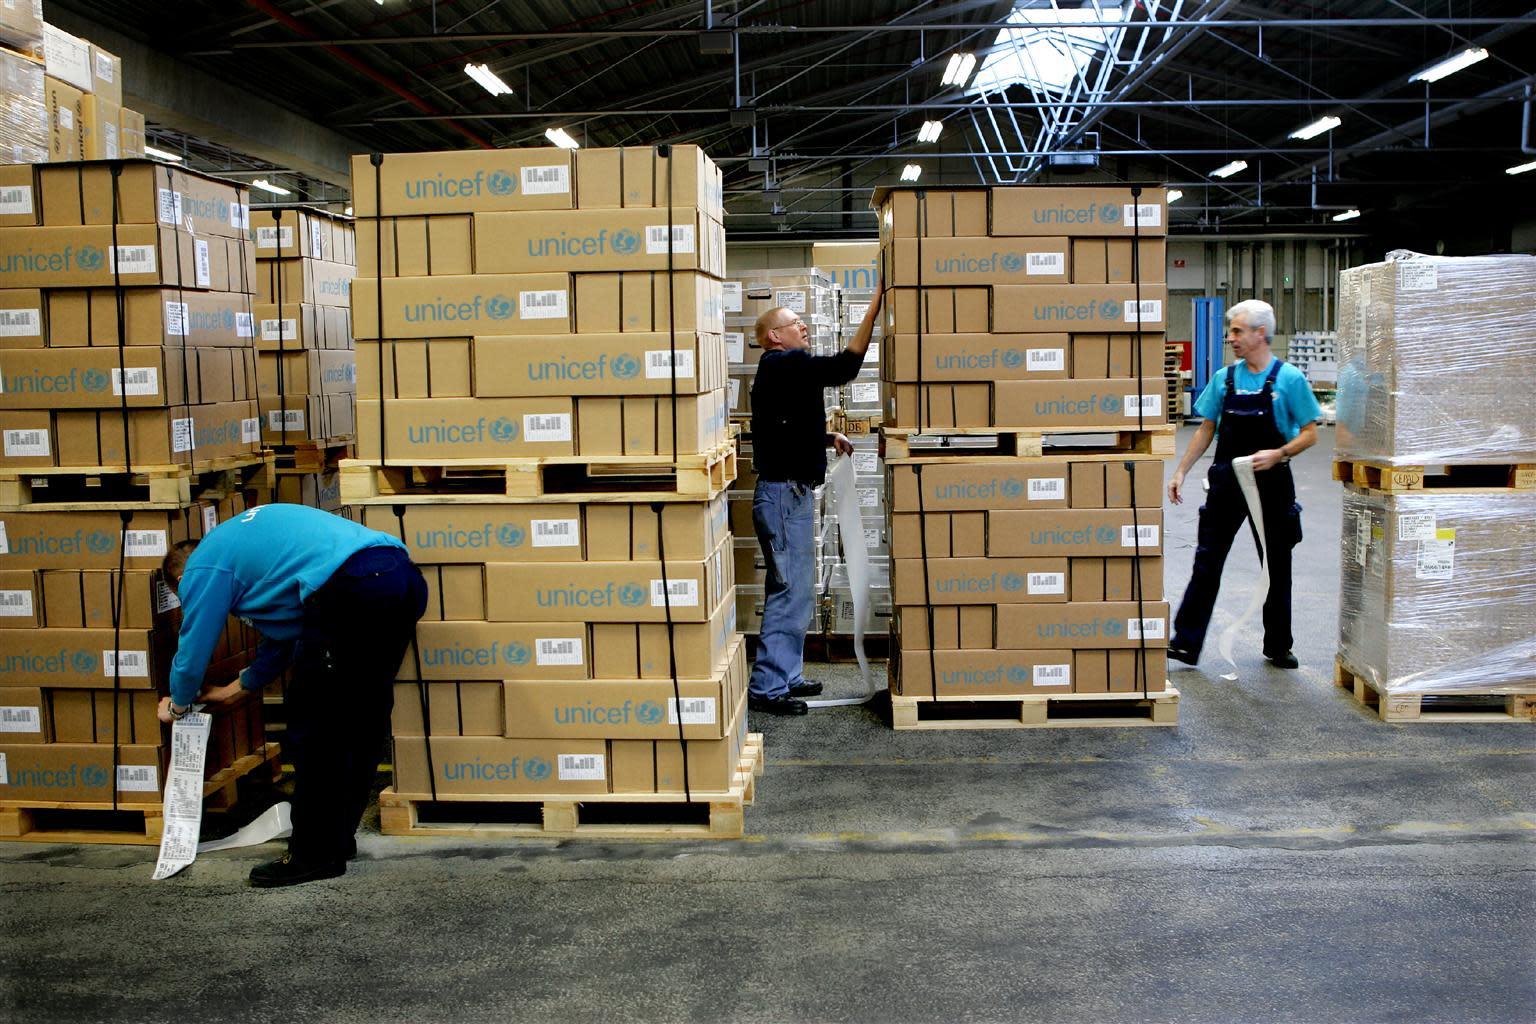 Unicef Supply Warehouse | ©Unicef/UNI40881